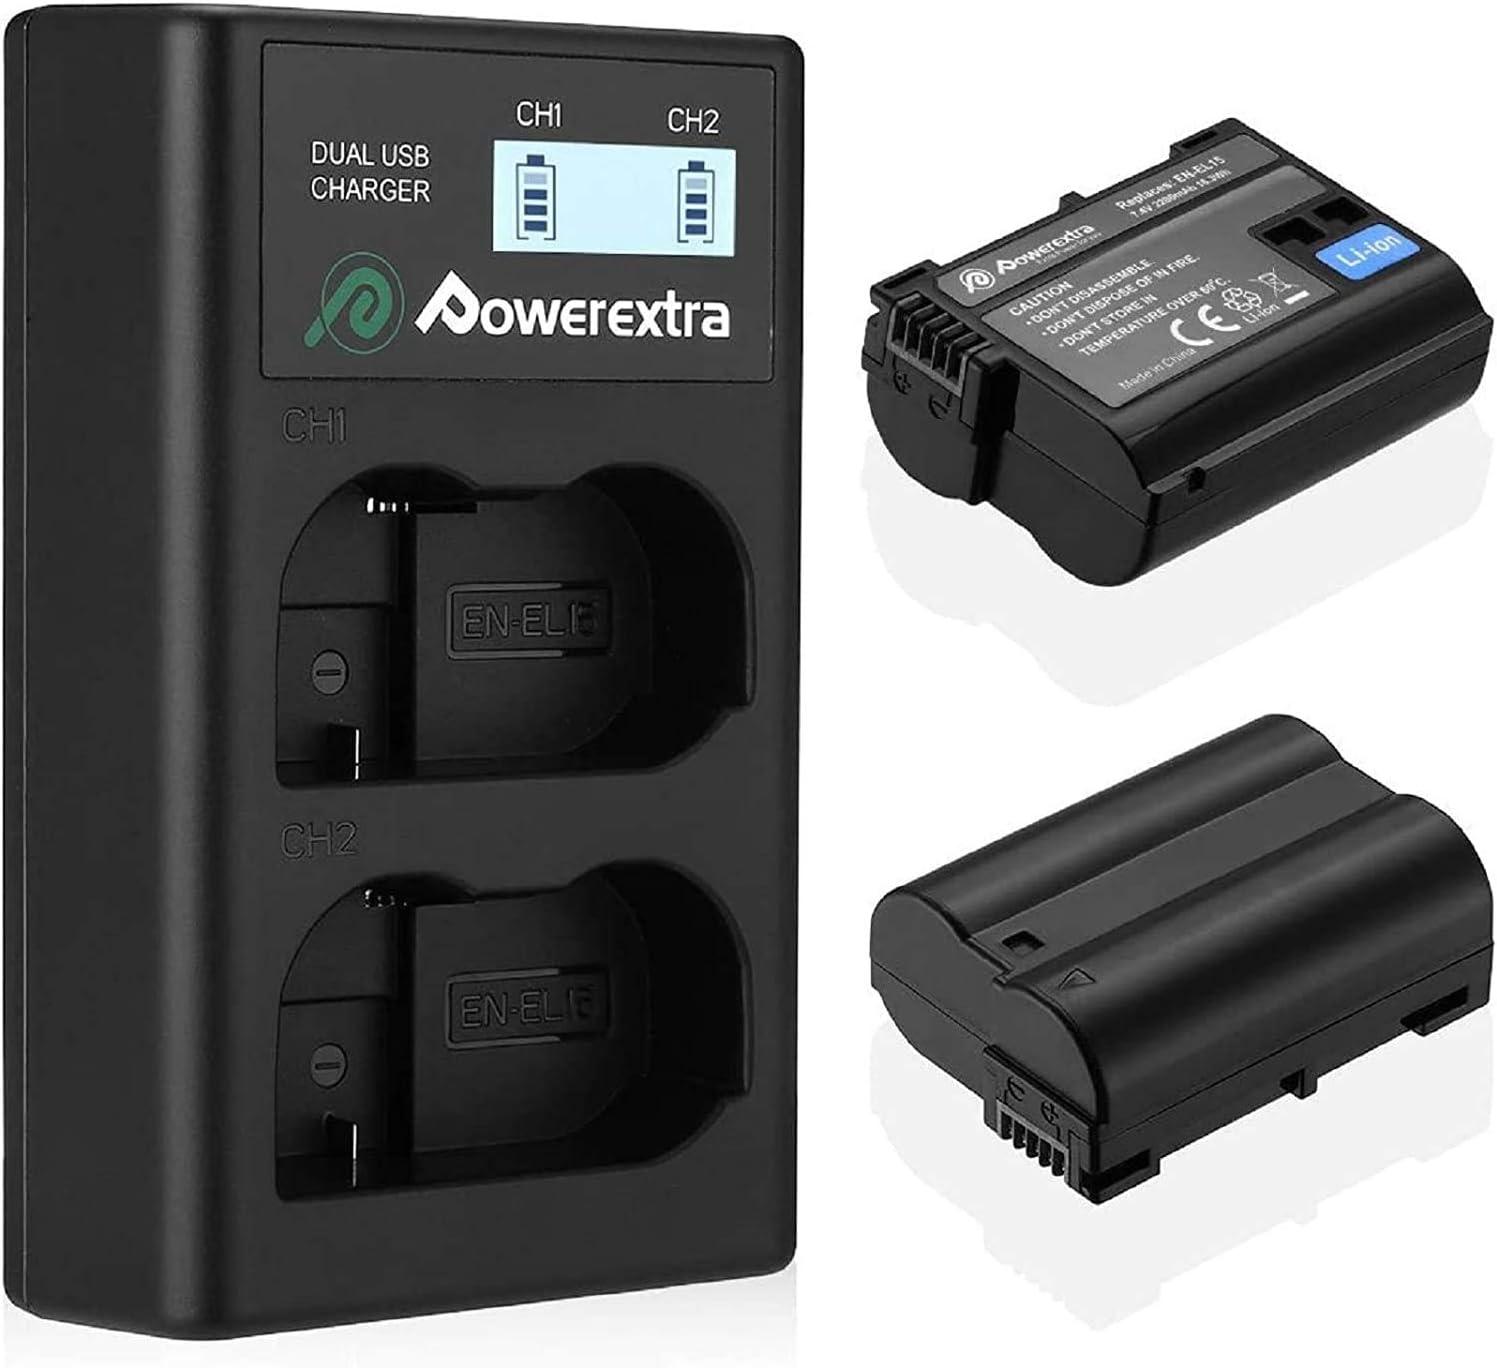 Powerextra Batería de Repuesto Nikon EN-EL15 de Repuesto y Cargador Pantalla LCD para Nikon MH-25 MH-25a y Nikon D7100 D750 D7000 D7200 D810 D610 D800 D850 D600 D500 D800E D810A 1v1 Cámaras